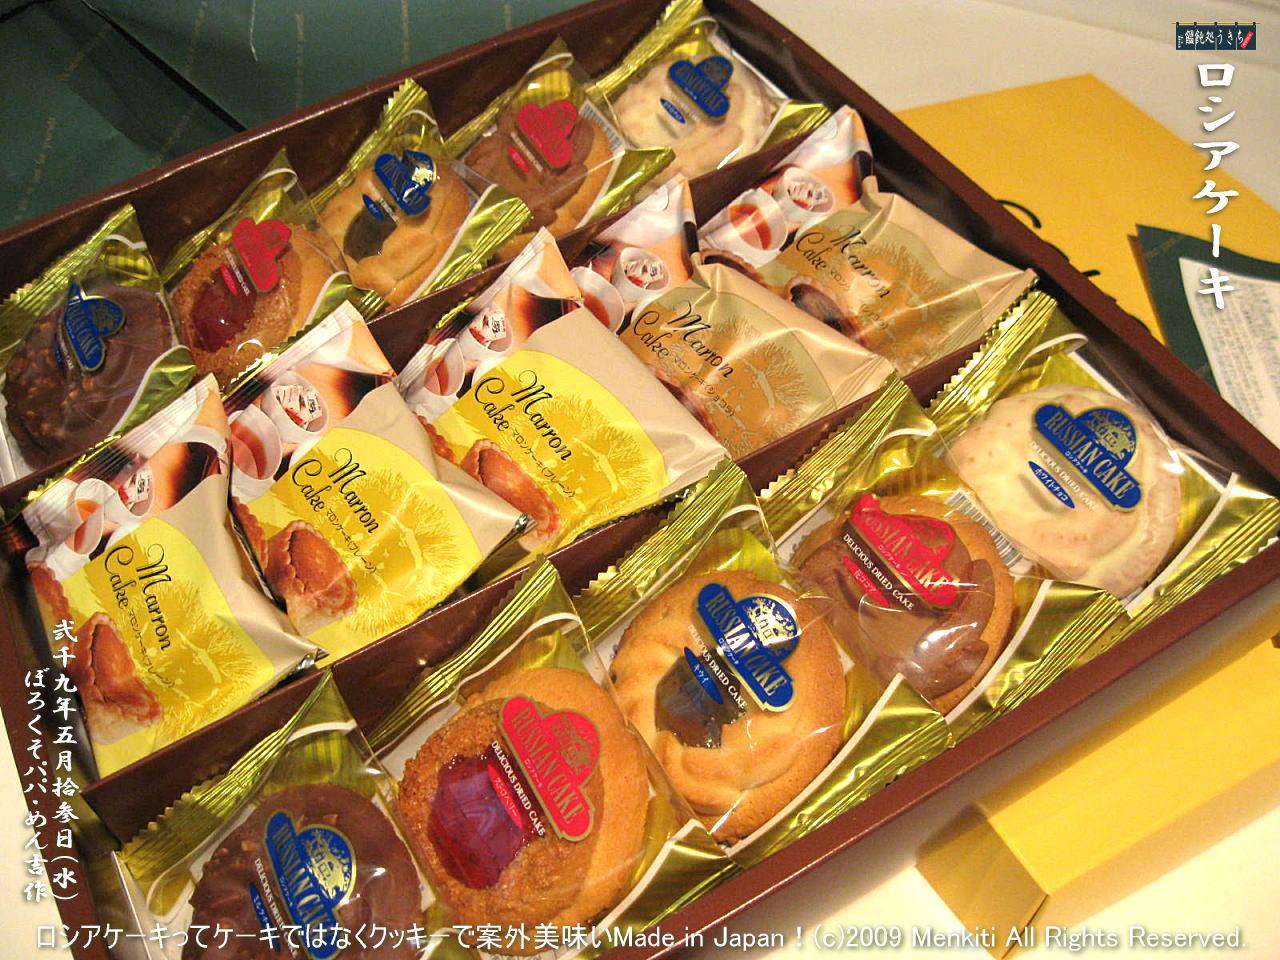 5/13(水)【ロシアケーキ】ロシアケーキってケーキではなくクッキーで案外美味いMade in Japan!  @キャツピ&めん吉の【ぼろくそパパの独り言】